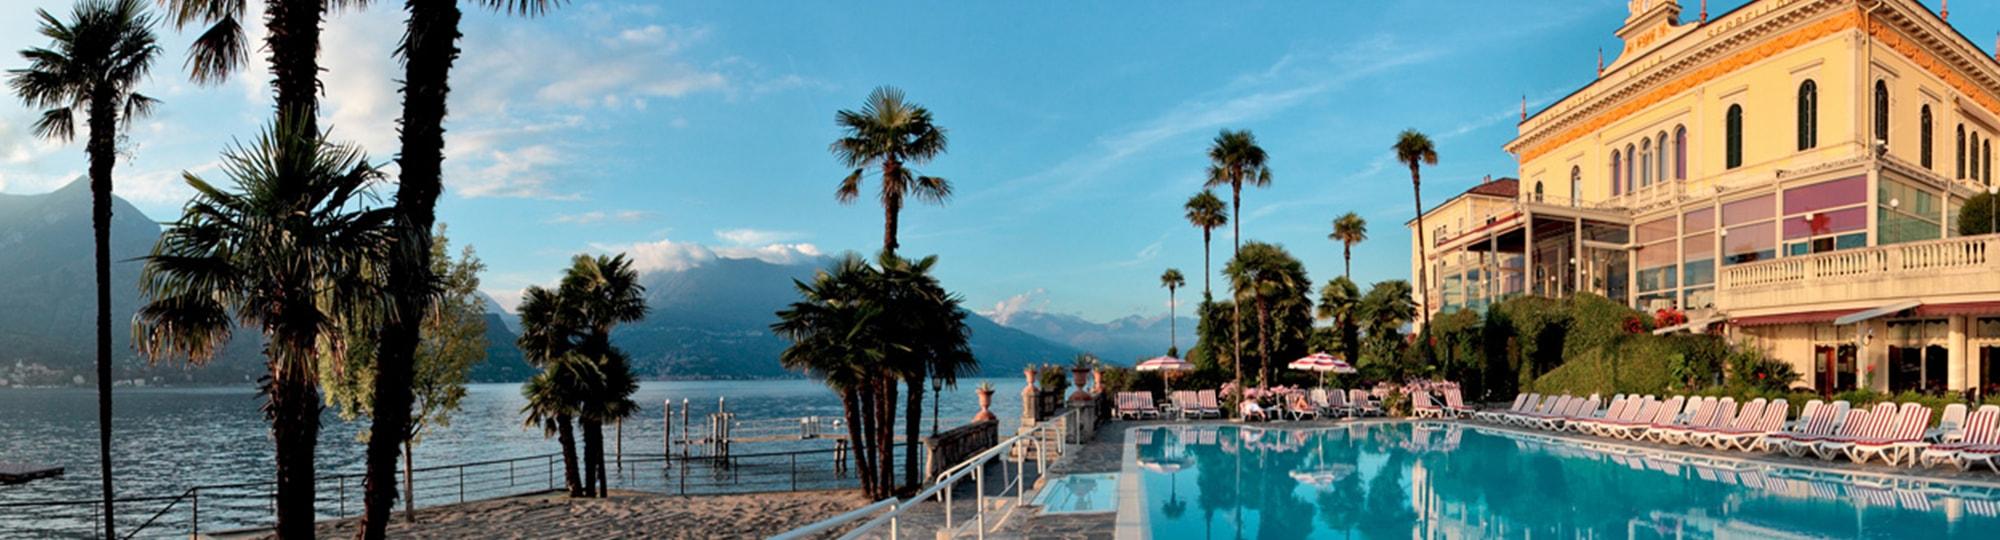 grand hotel villa serbelloni 5 hotel 5 toiles bellagio